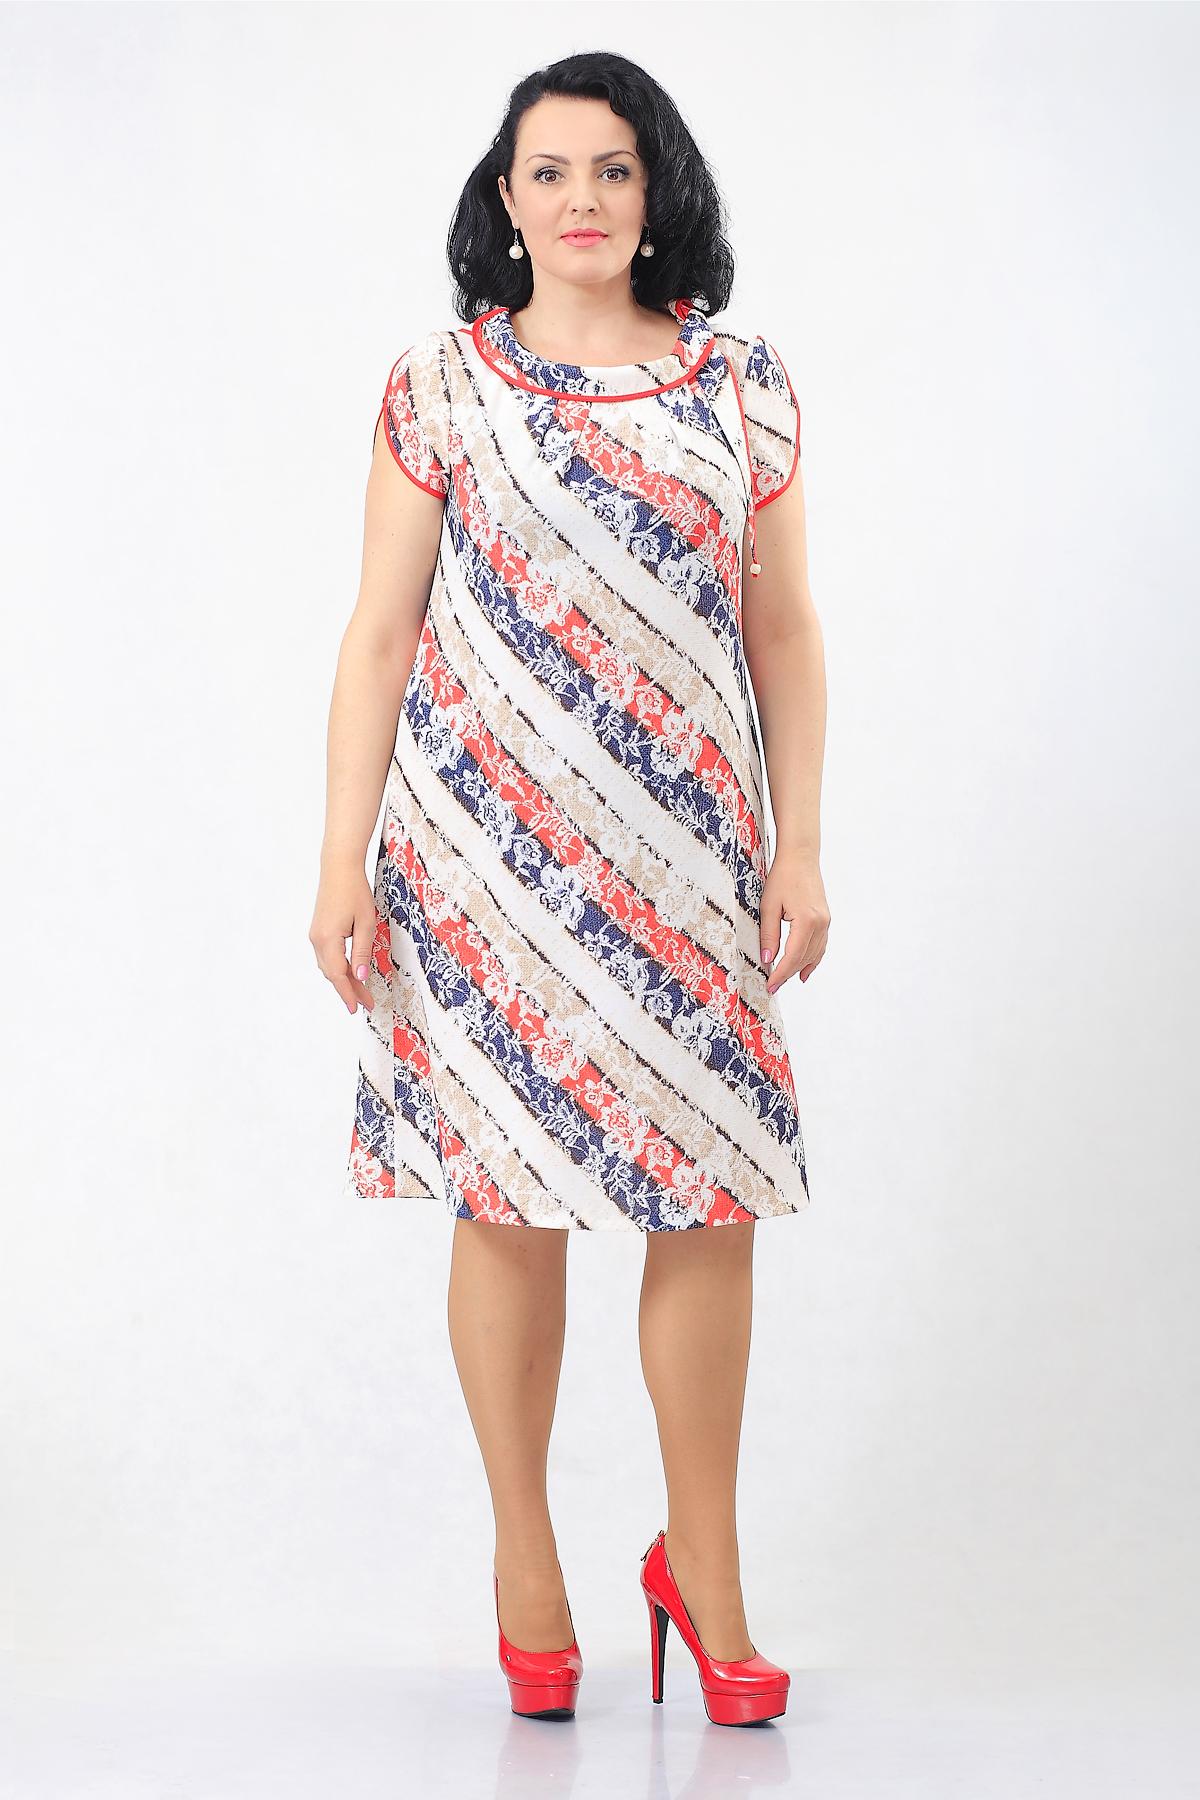 Женская одежда летние юбки